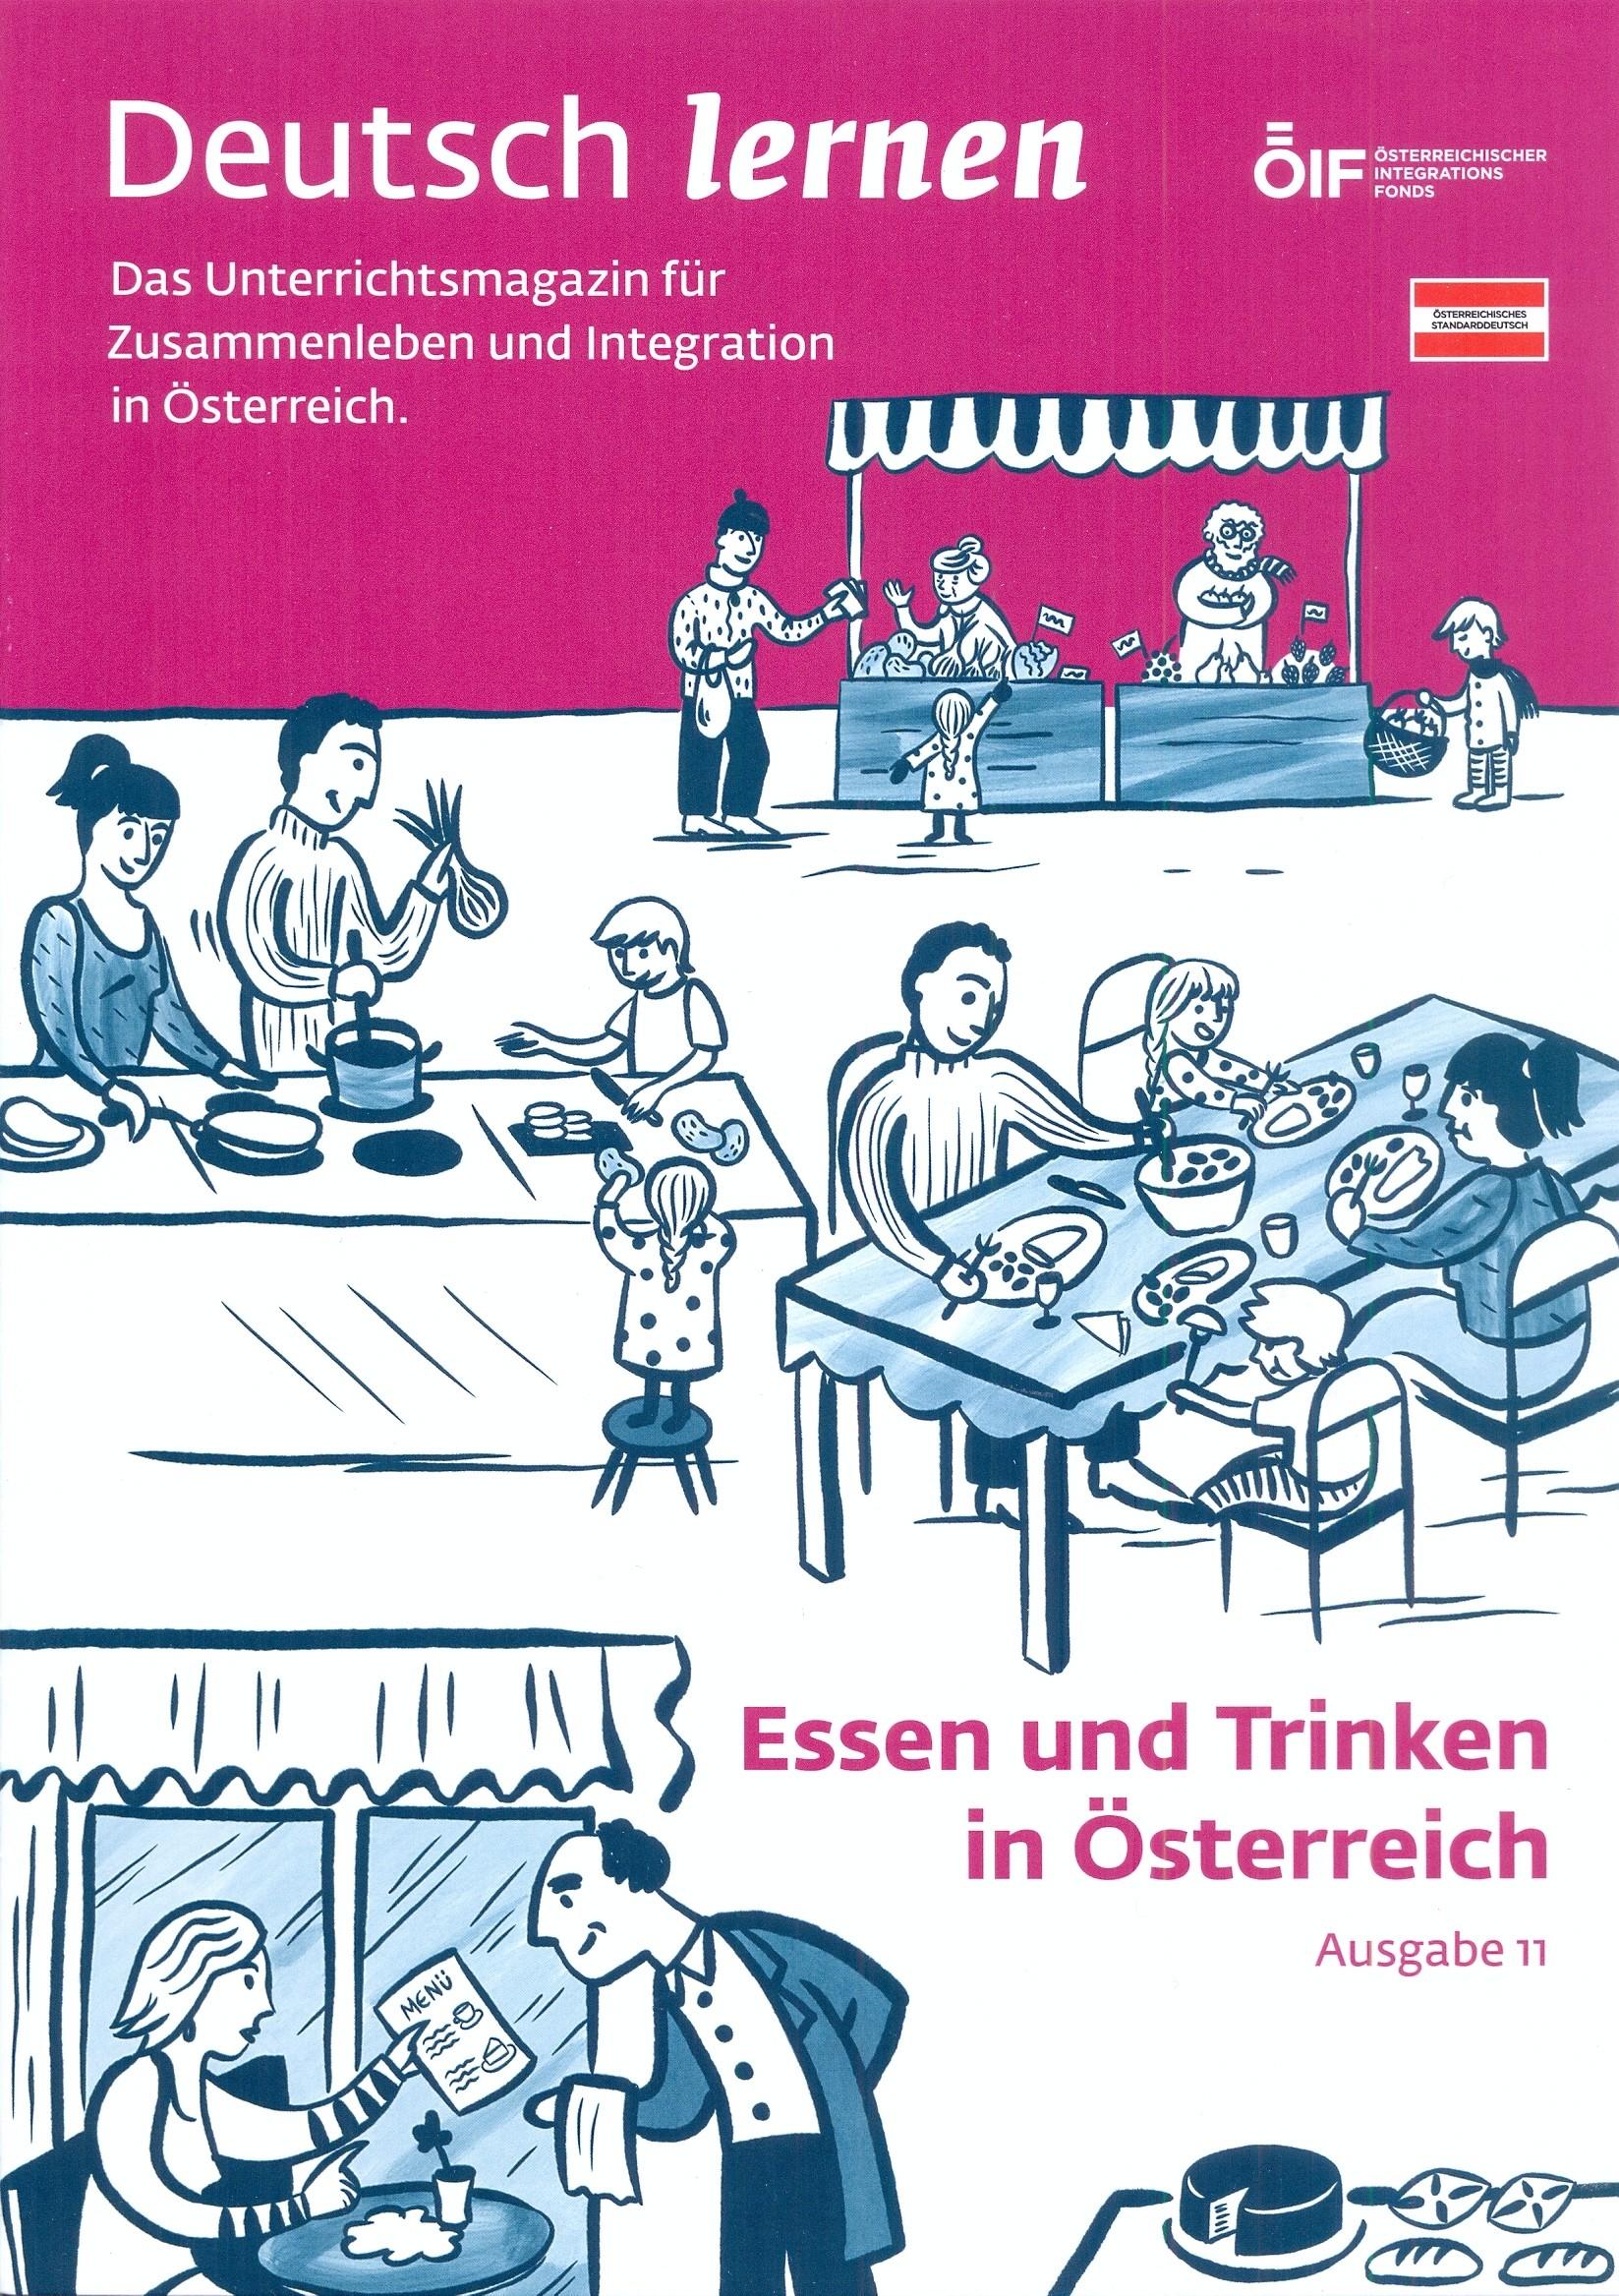 Unterrichtsmagazin Deutsch lernen Ausgabe 11